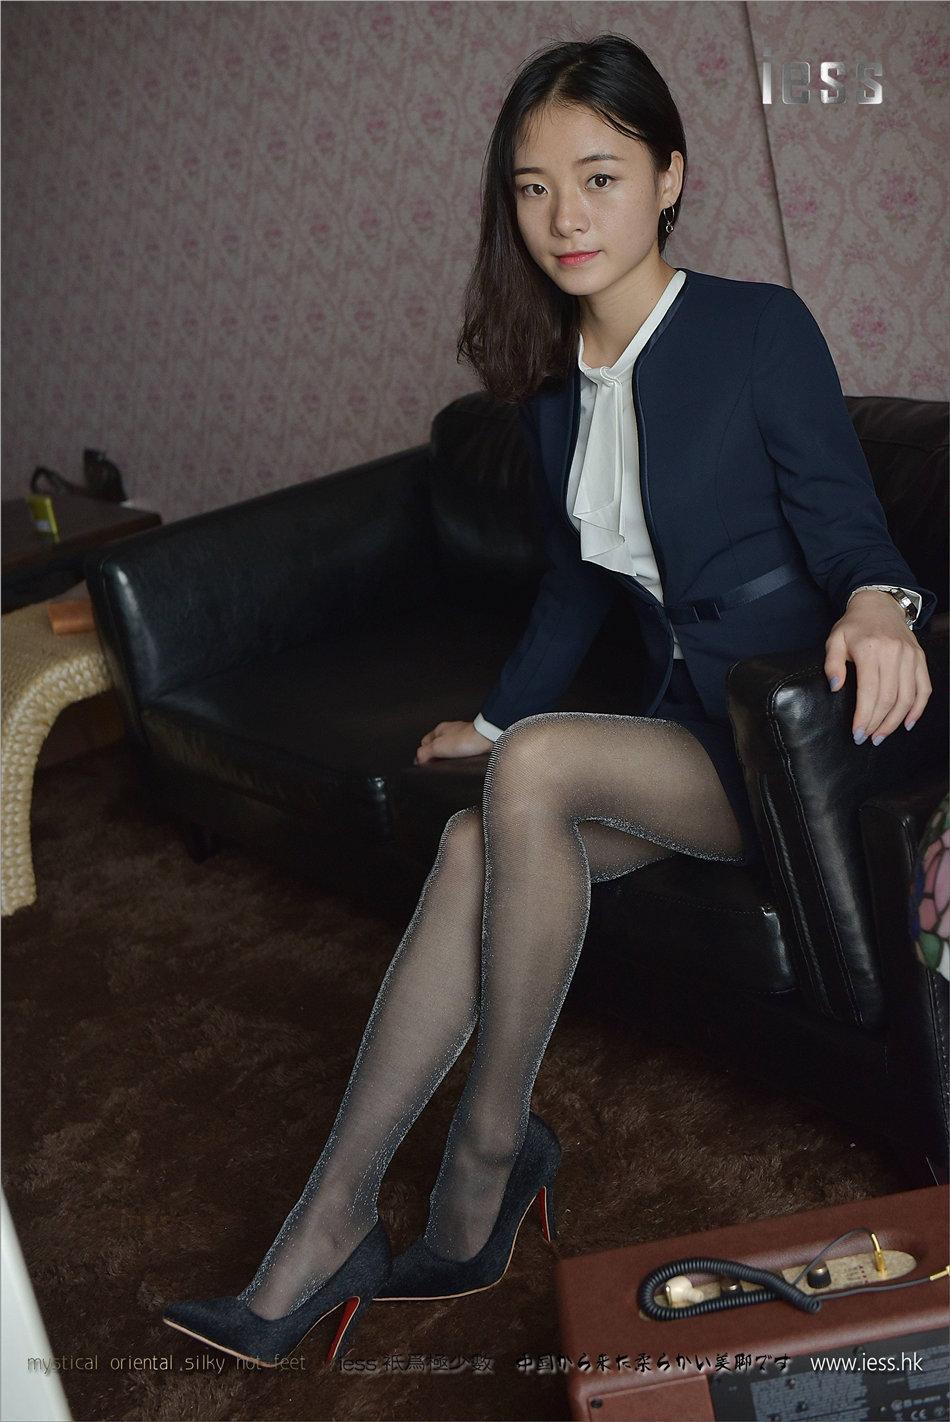 老板新招聘的美女秘书办公室穿亮黑丝袜